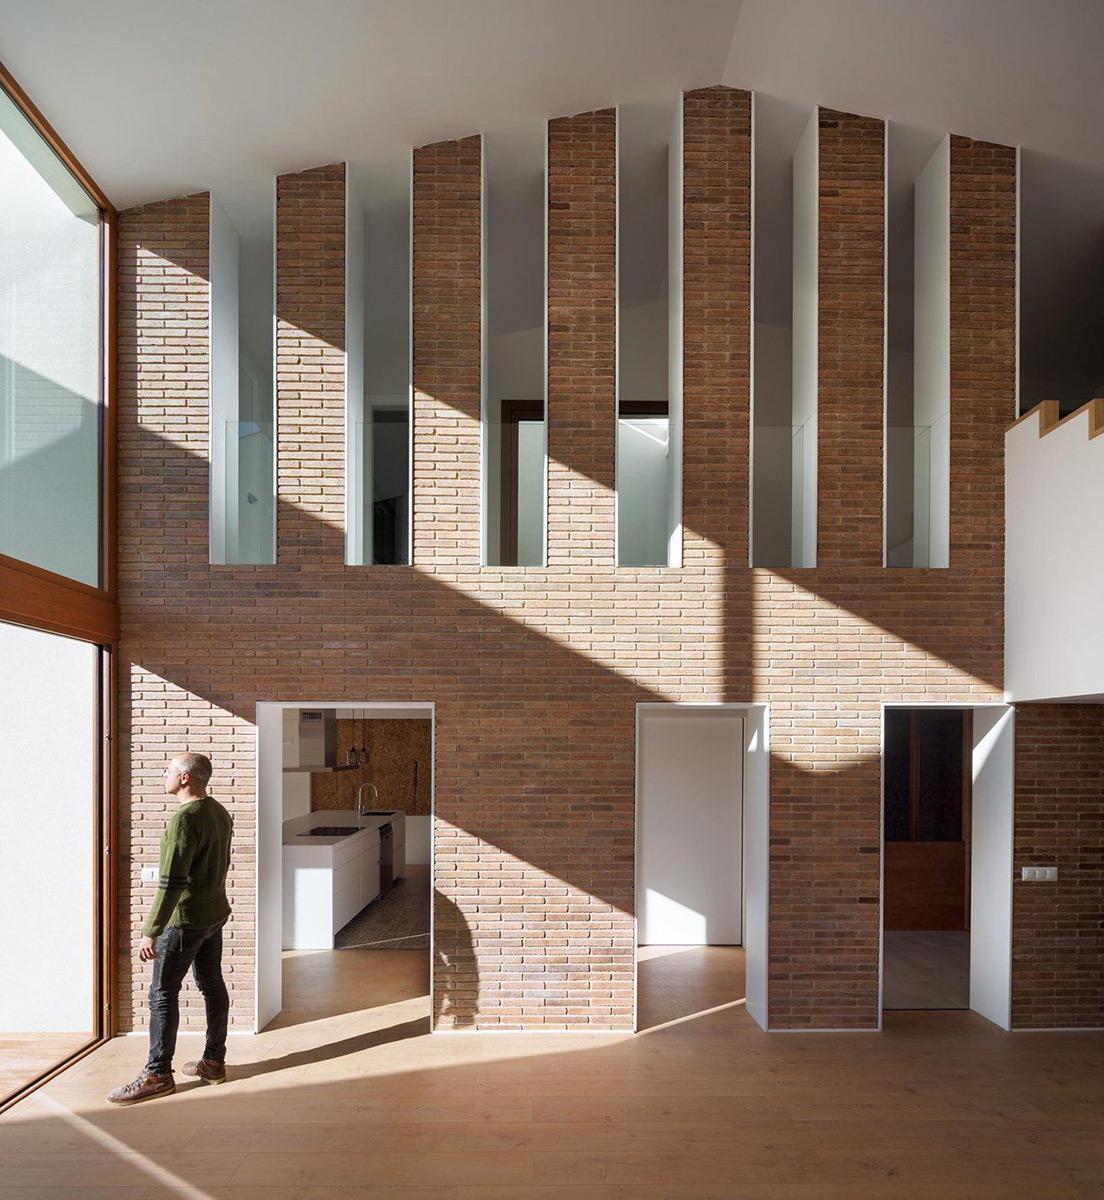 Jordi-Anna-renovation-Hiha-Studio-04